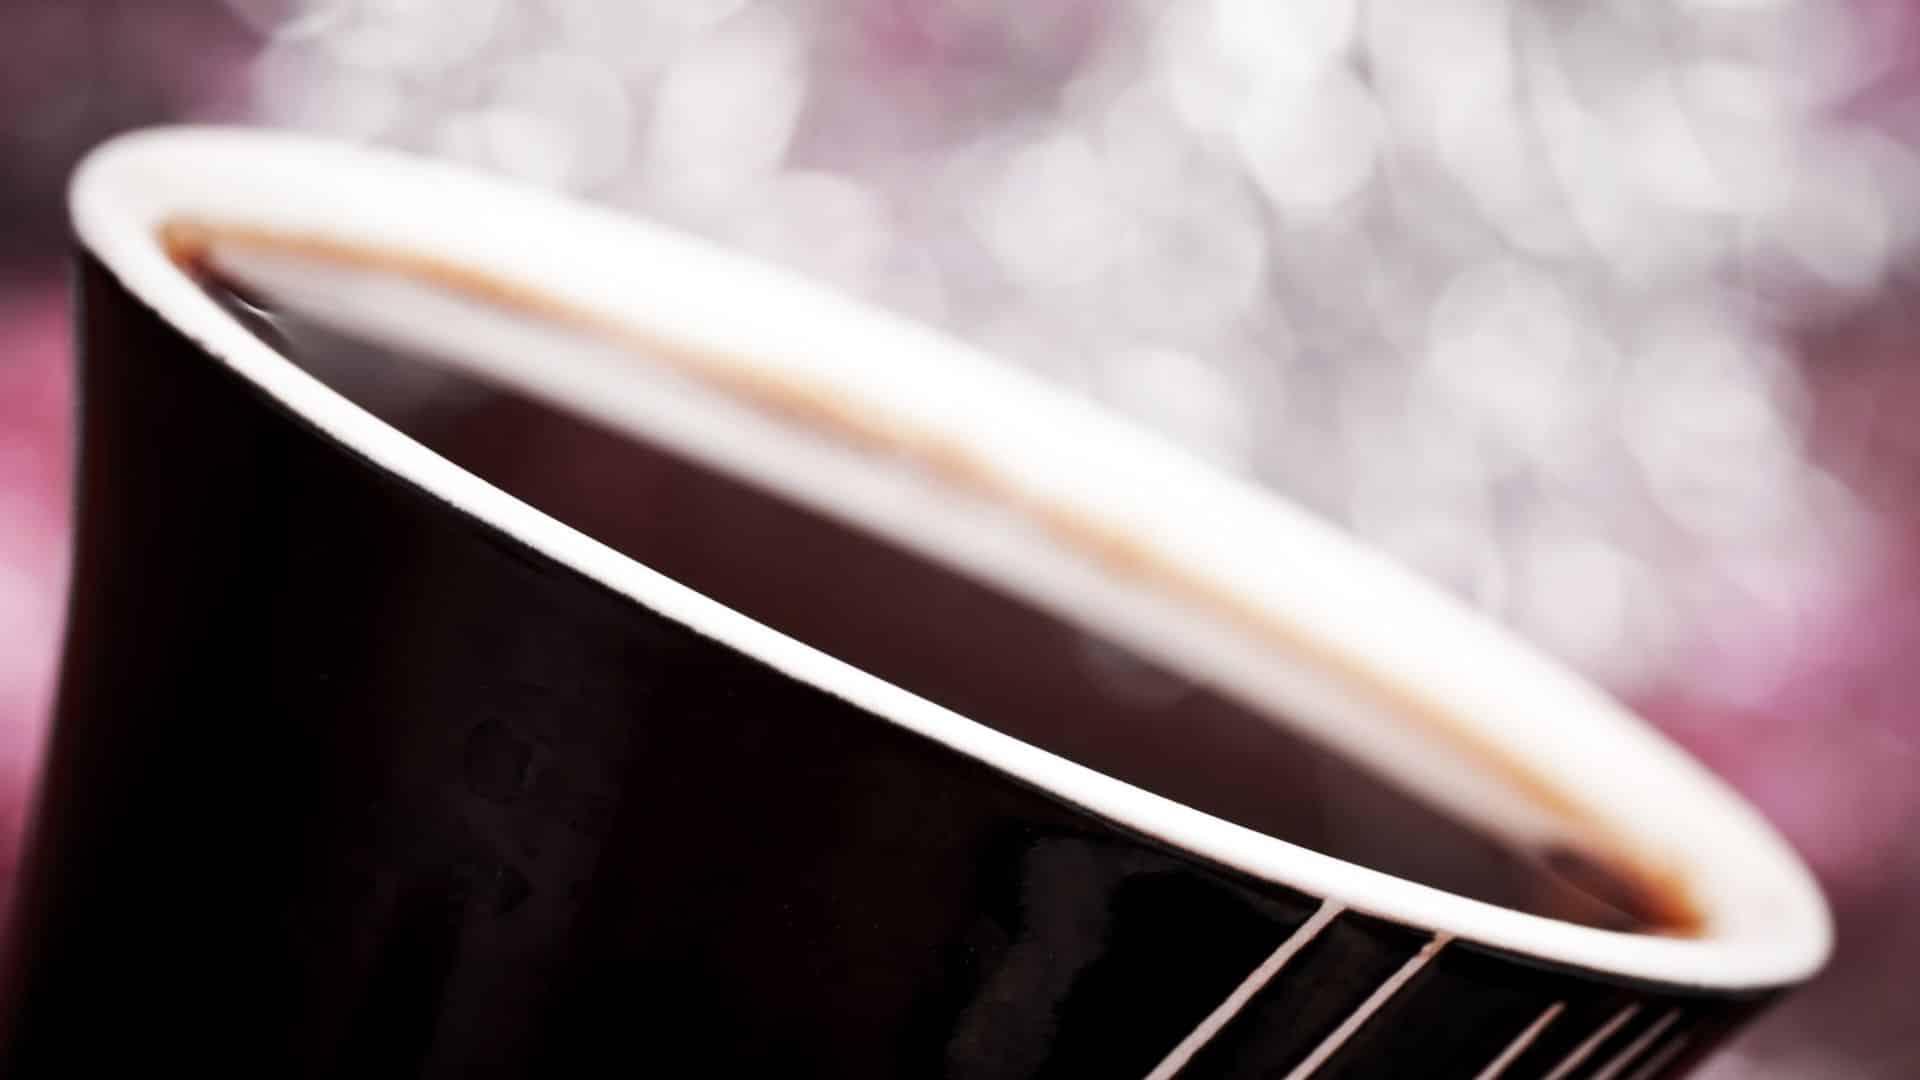 A kávé legismertebb összetevője a koffein, a világ legszélesebb körben fogyasztott pszichoaktív anyaga. Az emberi szervezetre gyakorolt jótékony hatásait meglehetősen jól kutatták, de a kávé egészében összetett ital ezer különböző anyaggal. Egyes tanulmányok szerint a koffeinmentes és a koffeintartalmú kávénak ugyanazok az egészségügyi hatásai lehetnek, kávé jótékony hatása és azt sugallják, hogy nem a koffein felelős a kávé legtöbb egészségügyi előnyéért.